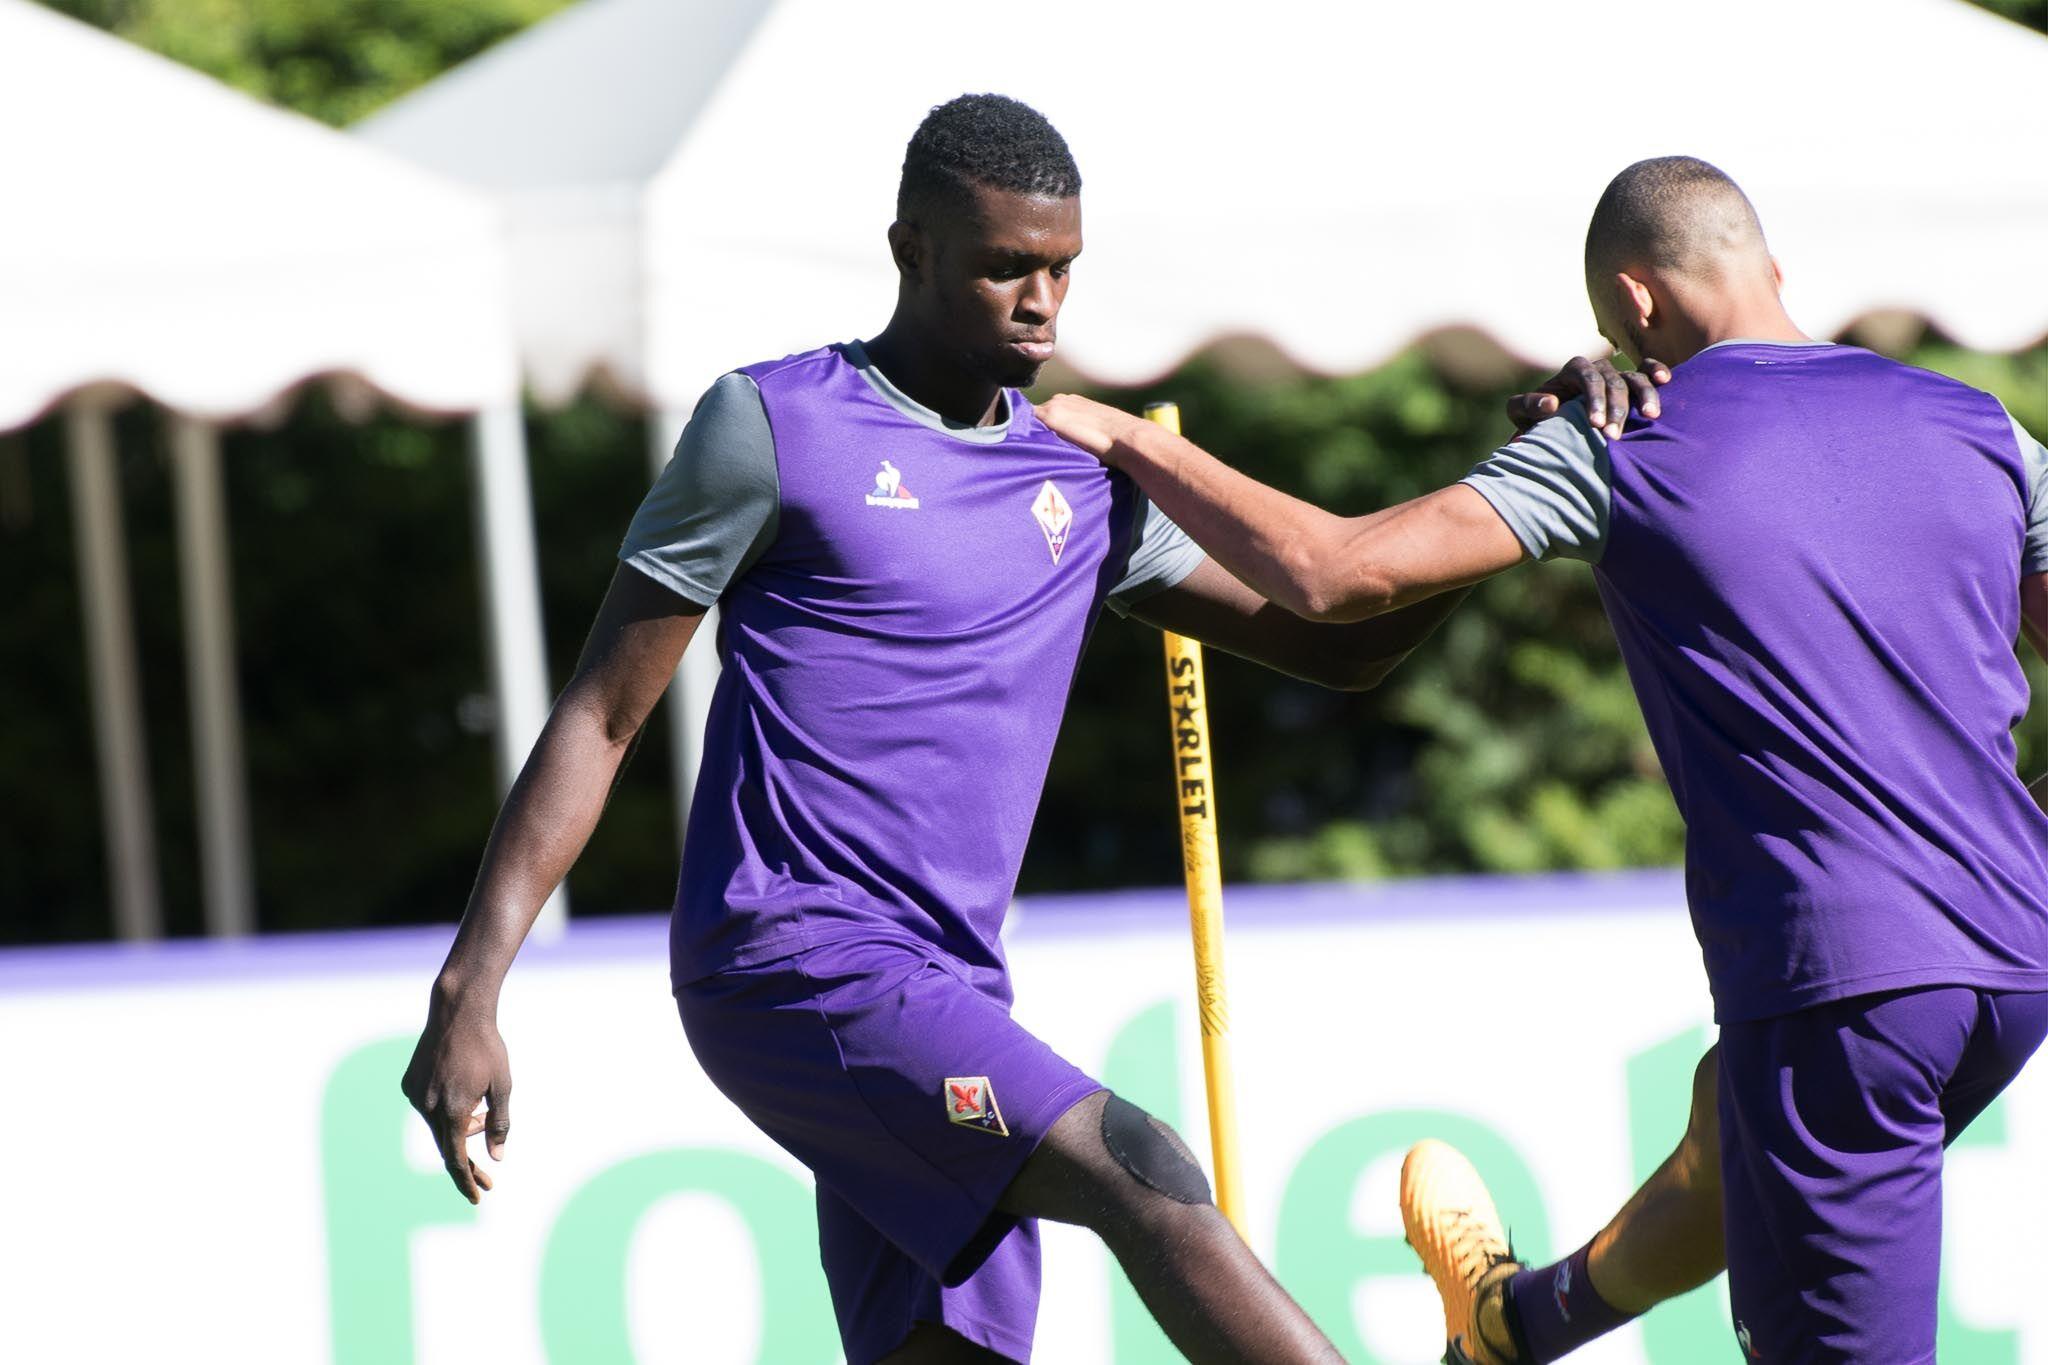 Raddoppio Fiorentina col suo capitano! A segno Diakhate su calcio d'angolo